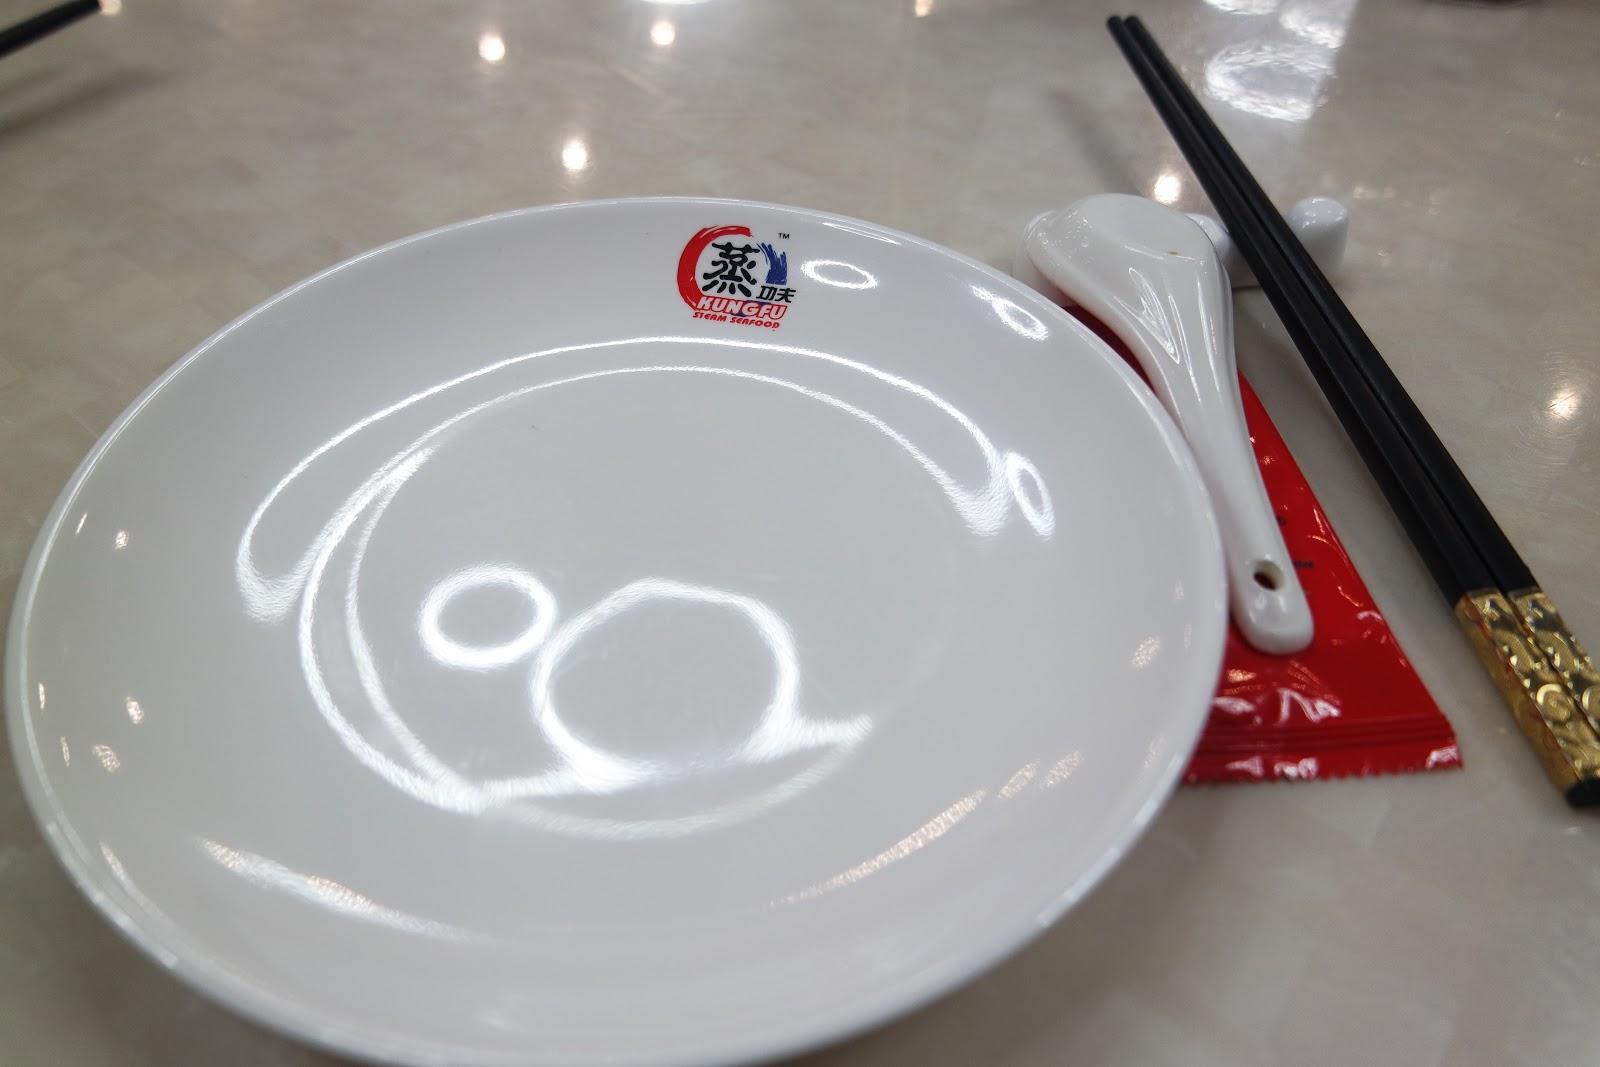 Makanan Laut Segar Di Restoran Kungfu Steam Seafood Puchong Kaedah Parcel Ampamp Keramik Pja 1608 Selain Itu Stok Disini Adalah Saya Diberitahu Setiap Minggu Mereka Akan Restock Hidupan Anda Cuma Pilih Jenis